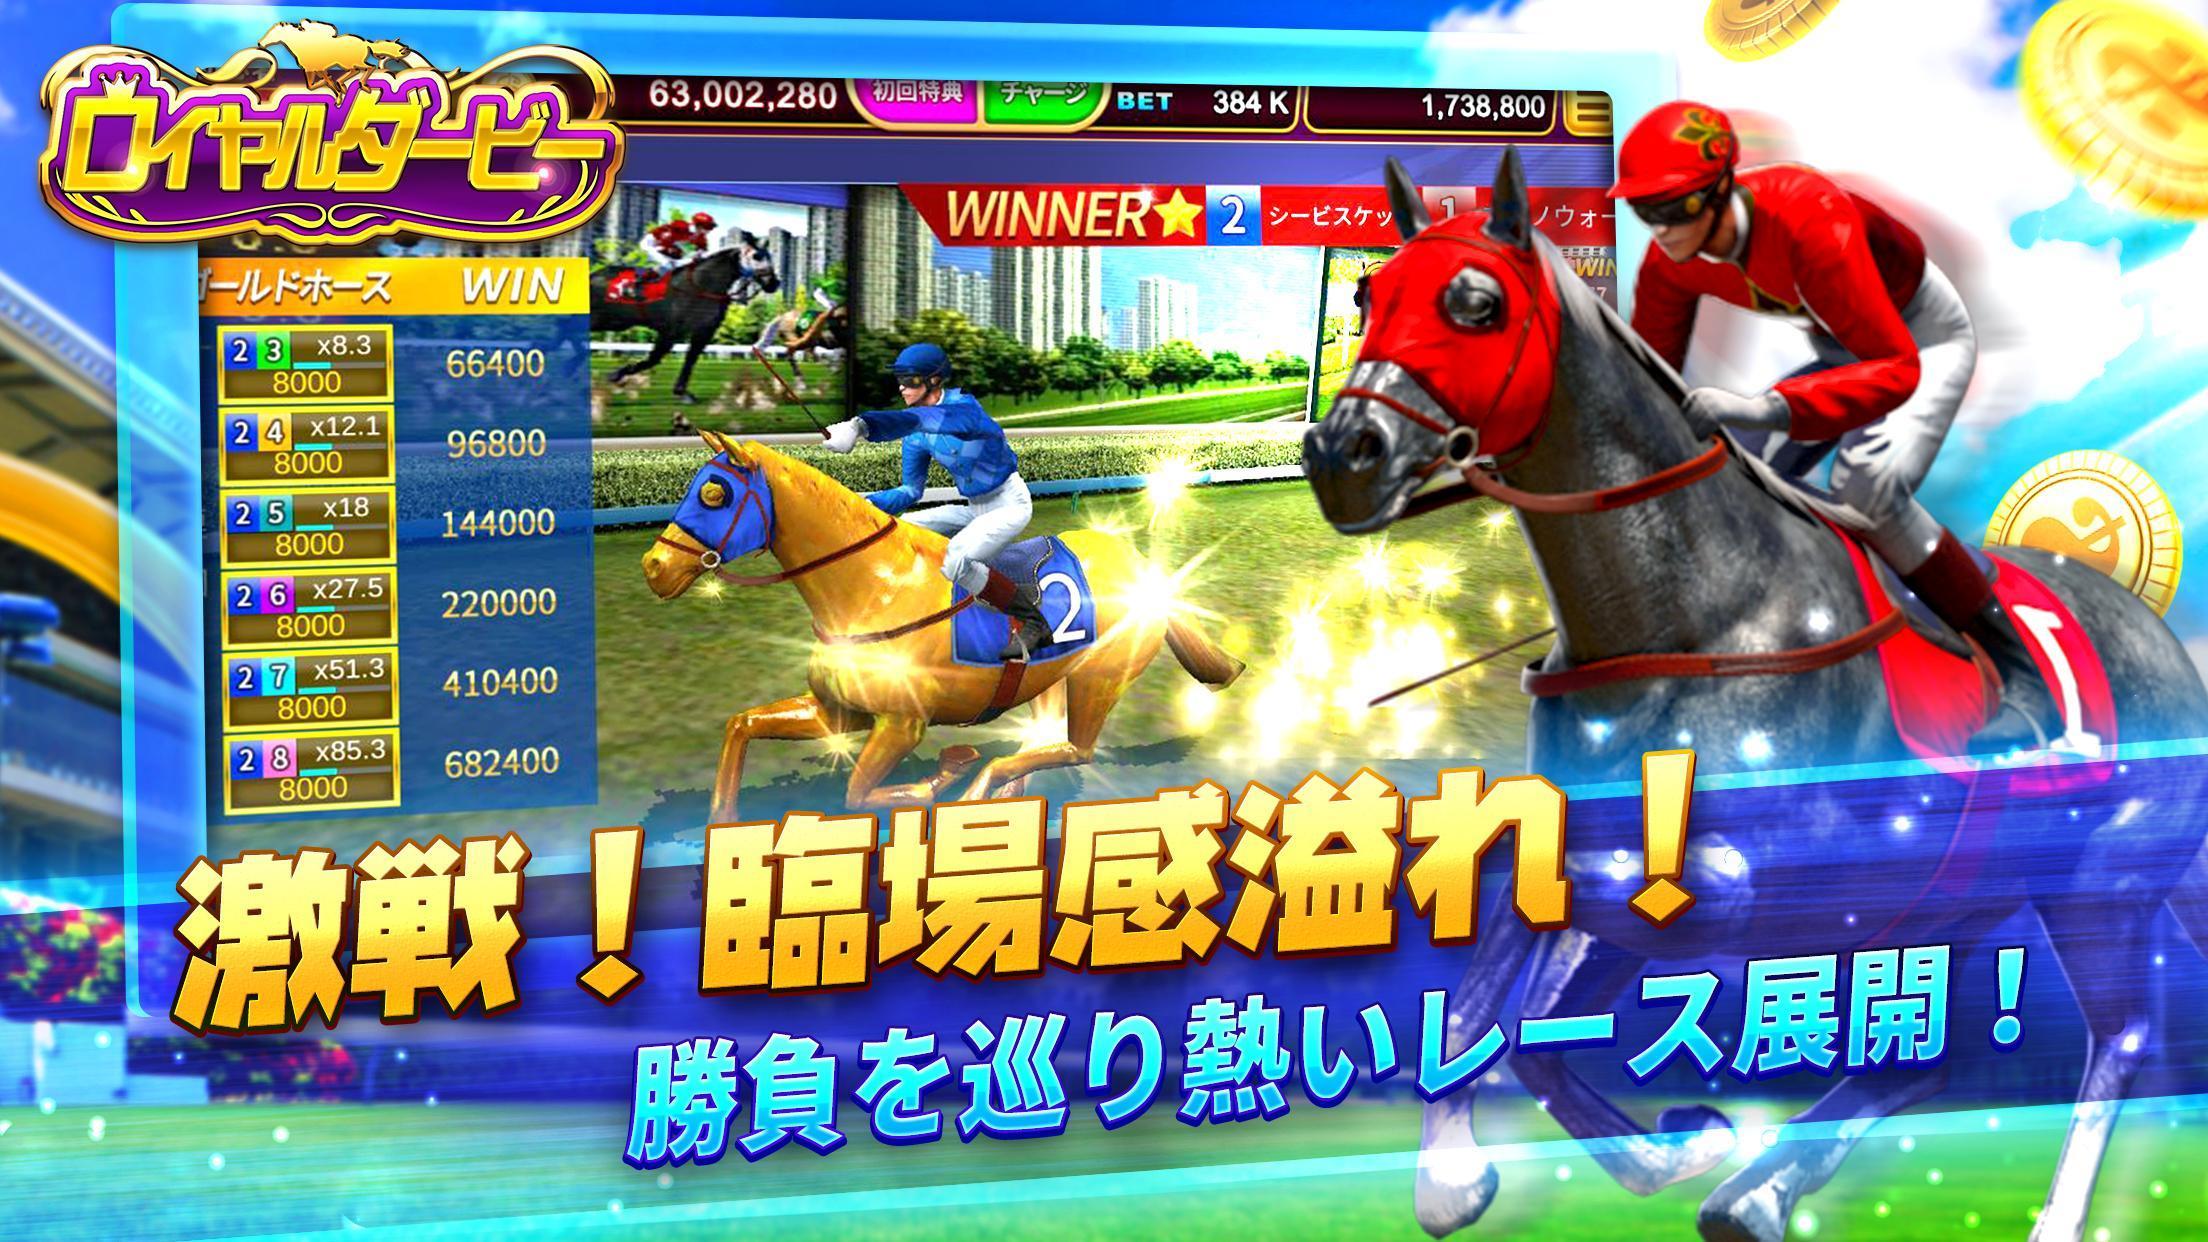 スーパーラッキーカジノ ~ オーシャンモンスター、スロット、サイコロ、ポーカー 3.14.1 Screenshot 1